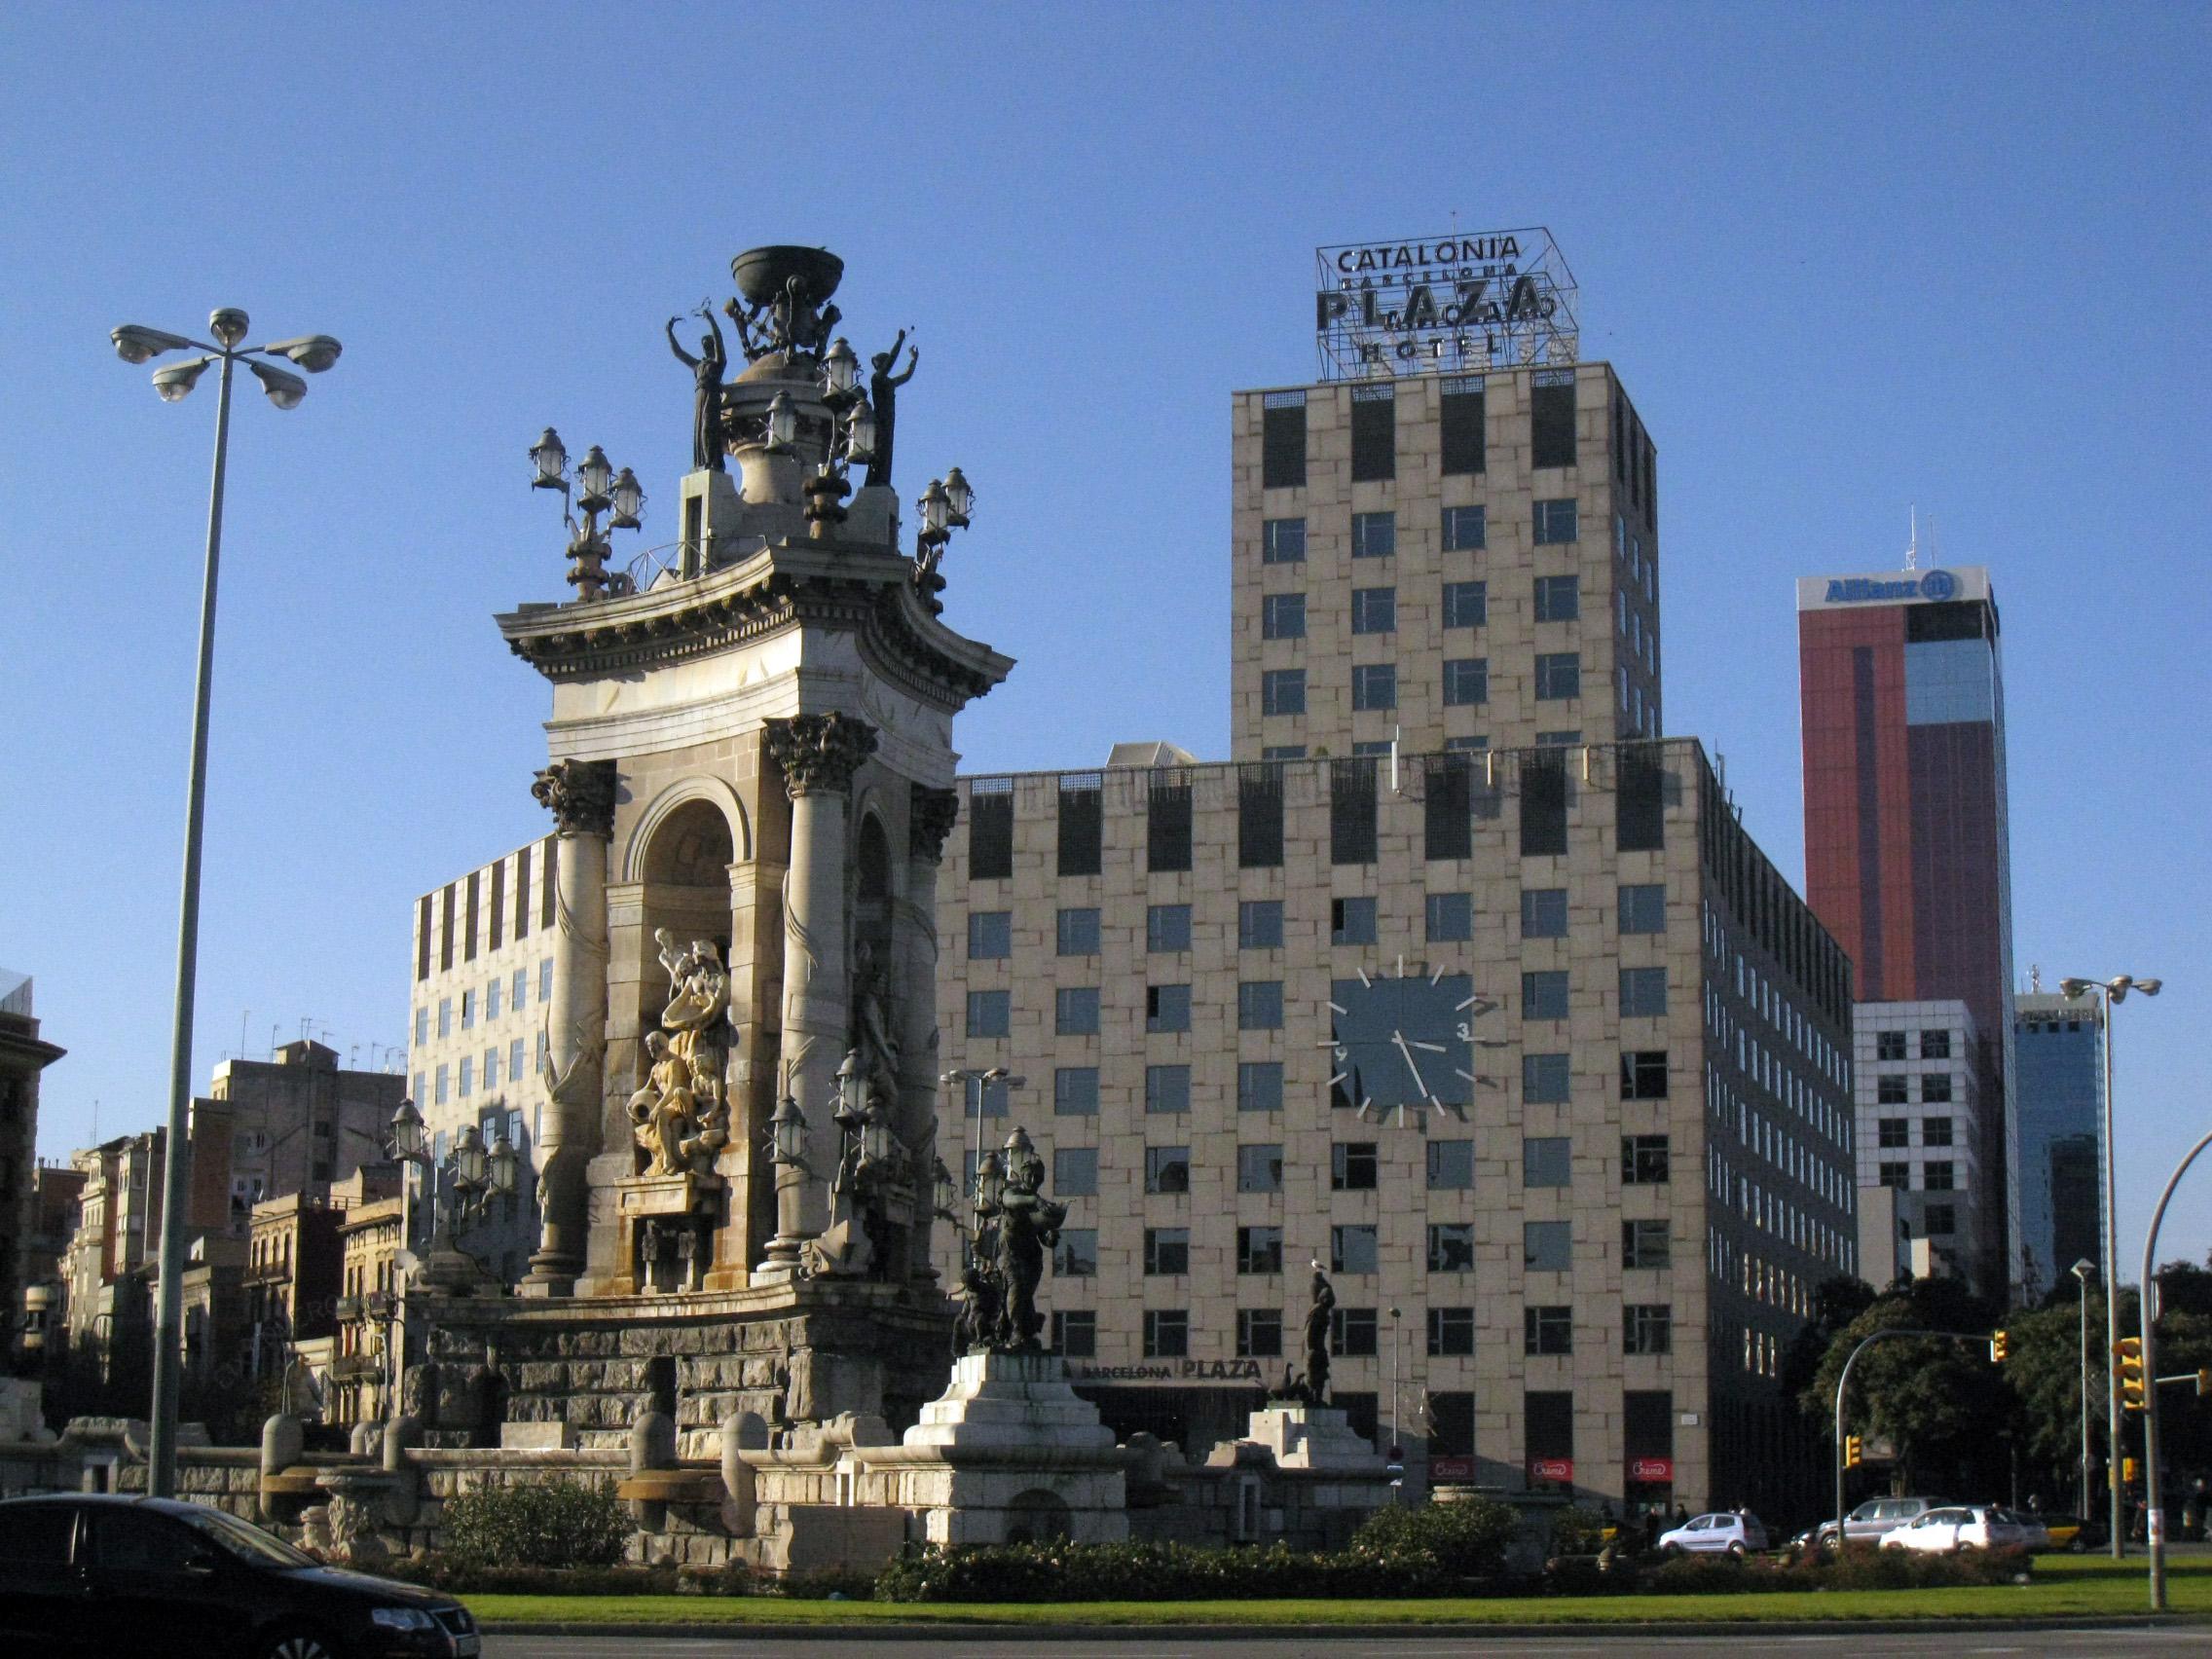 En la imagen, la barcelonesa plaza de España. Al fondo, el emblemático Catalonia Plaza, escenario de la presentación de SOLUCIONA en Cataluña.